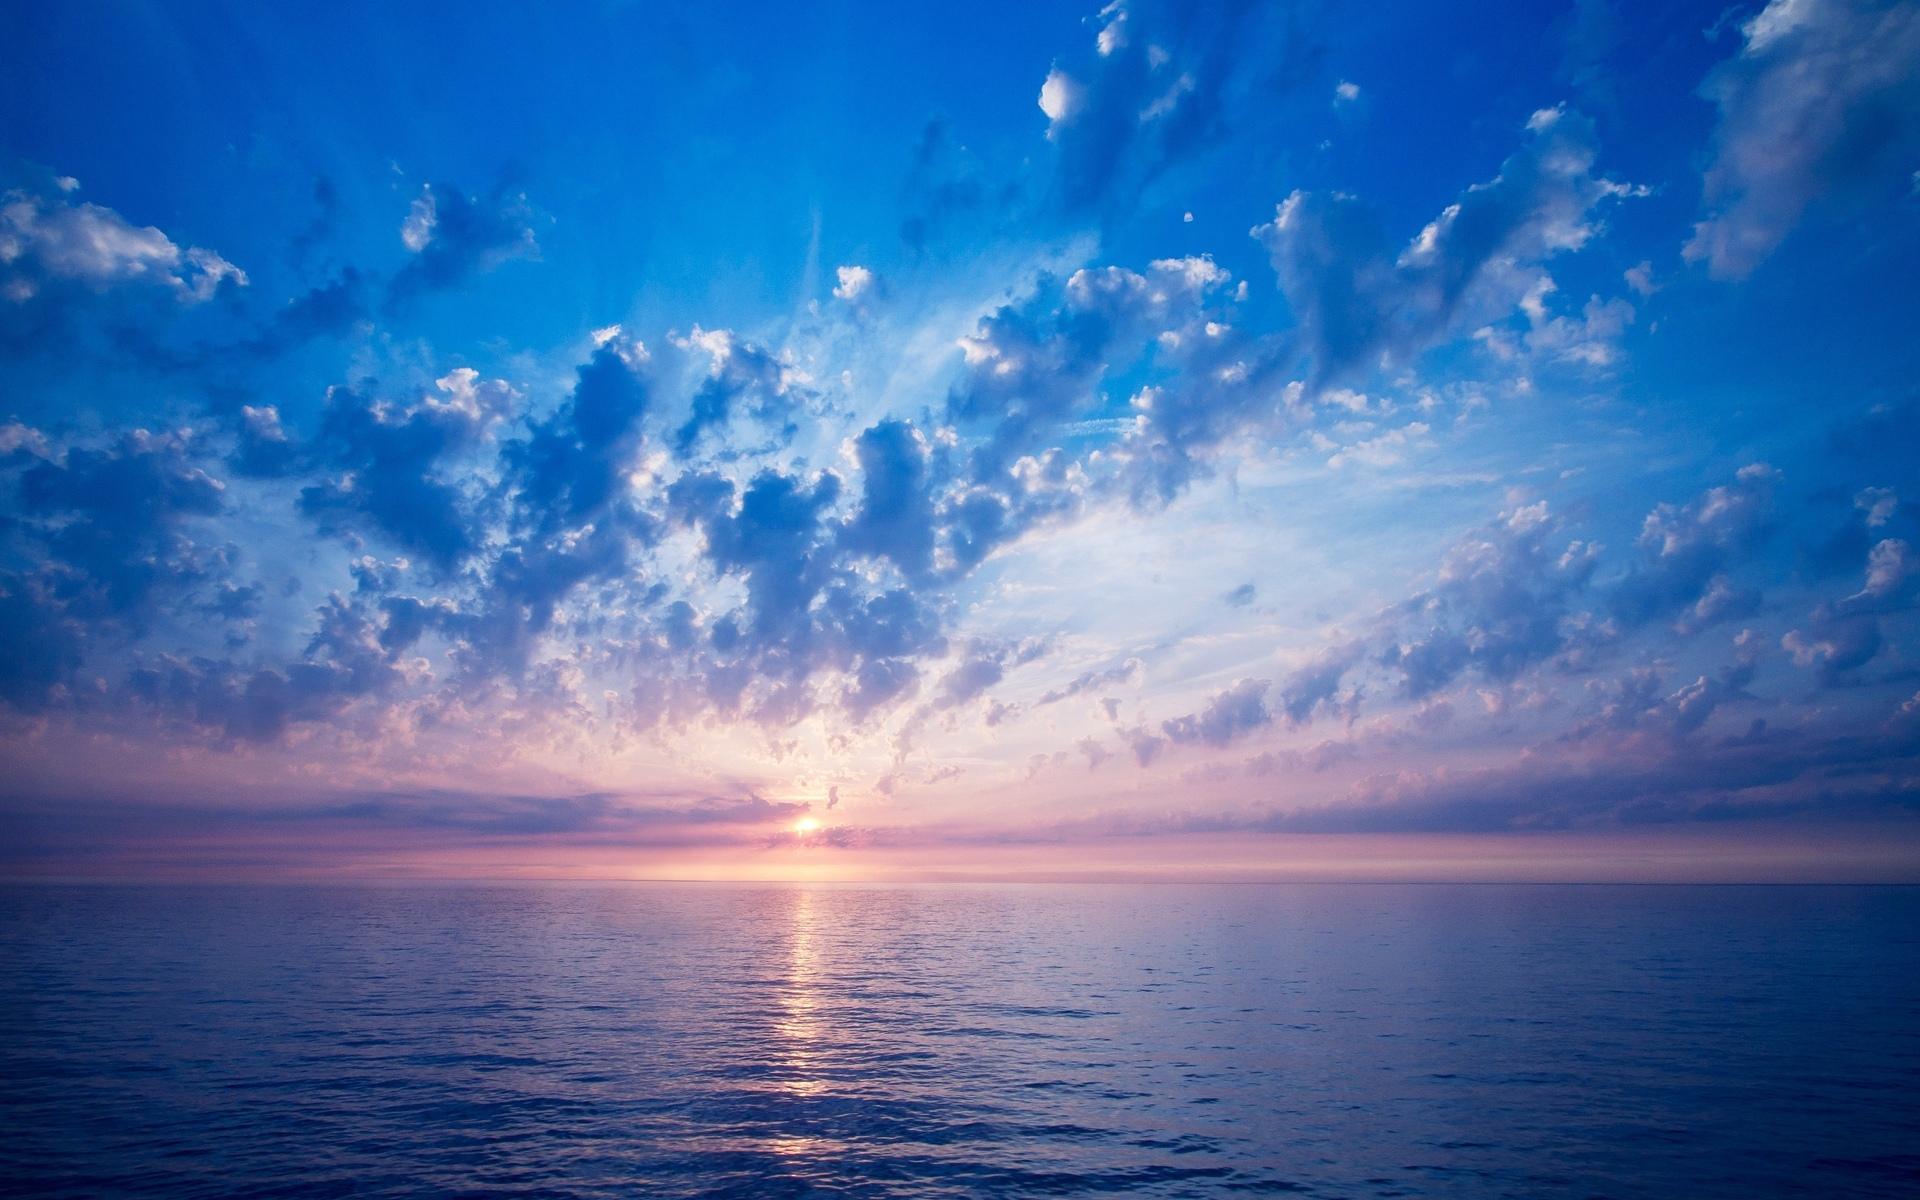 hd wallpapers blue sky aa